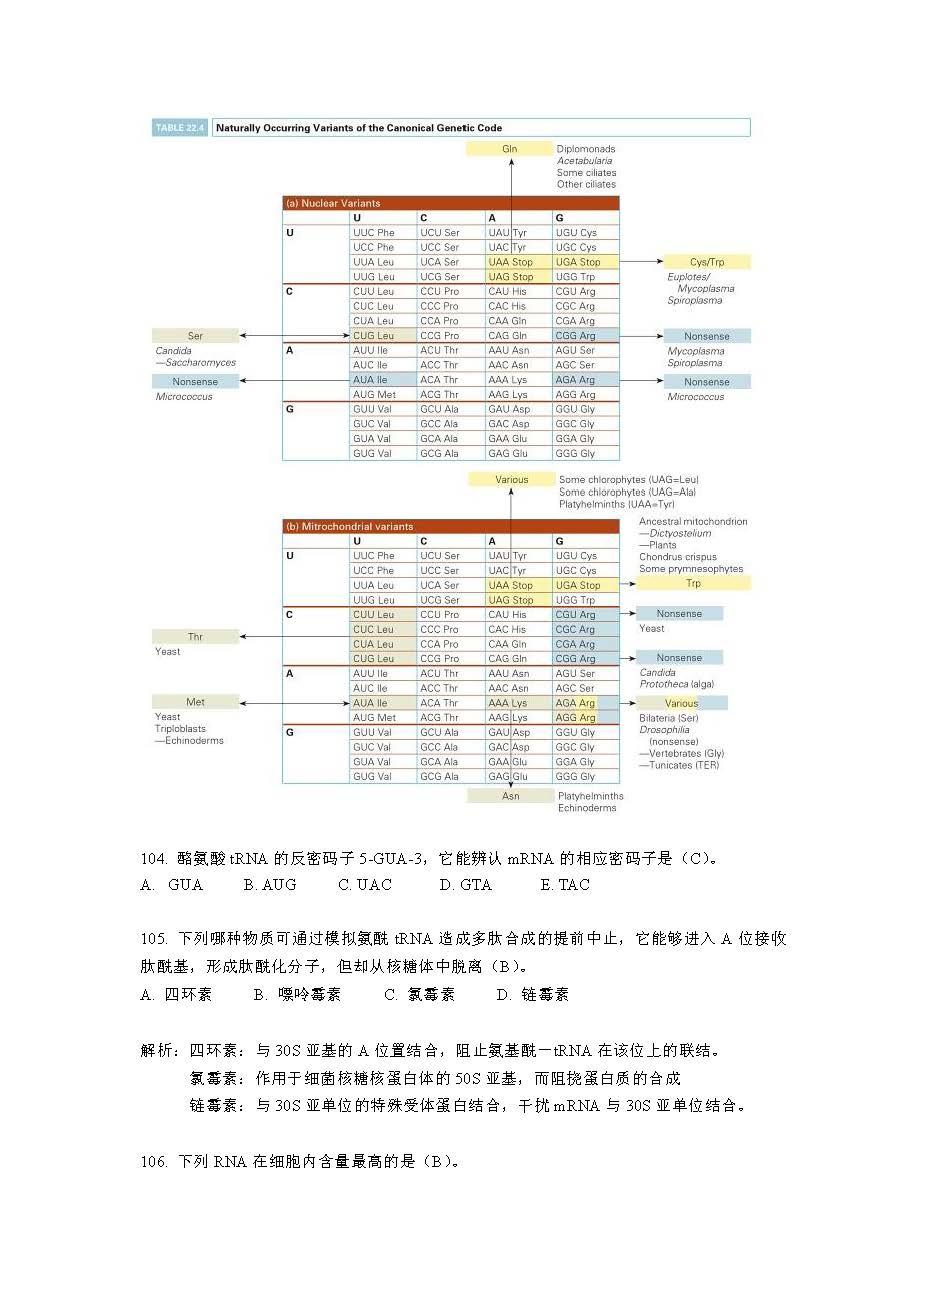 05 2015清华金秋营笔试模拟题答案简析_页面_32